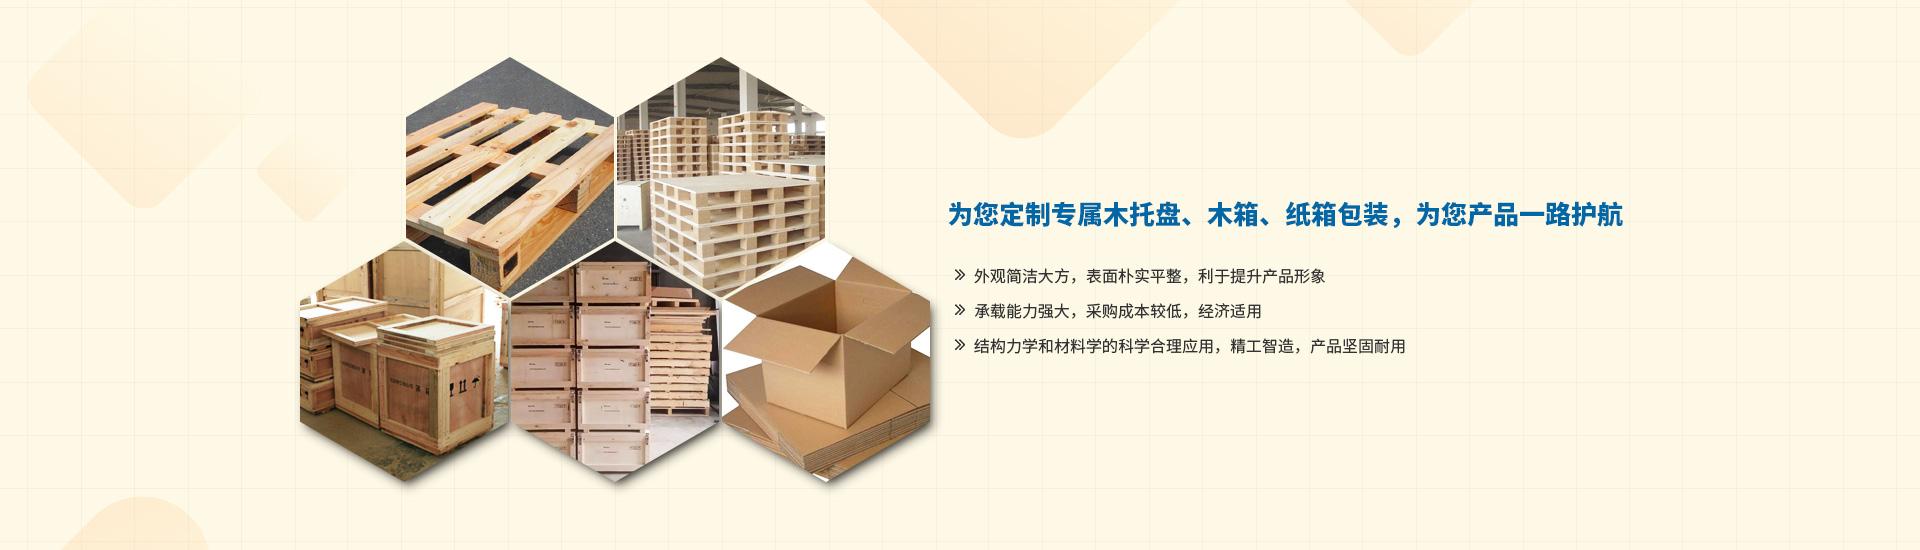 雷竞技苹果下载官方版木箱